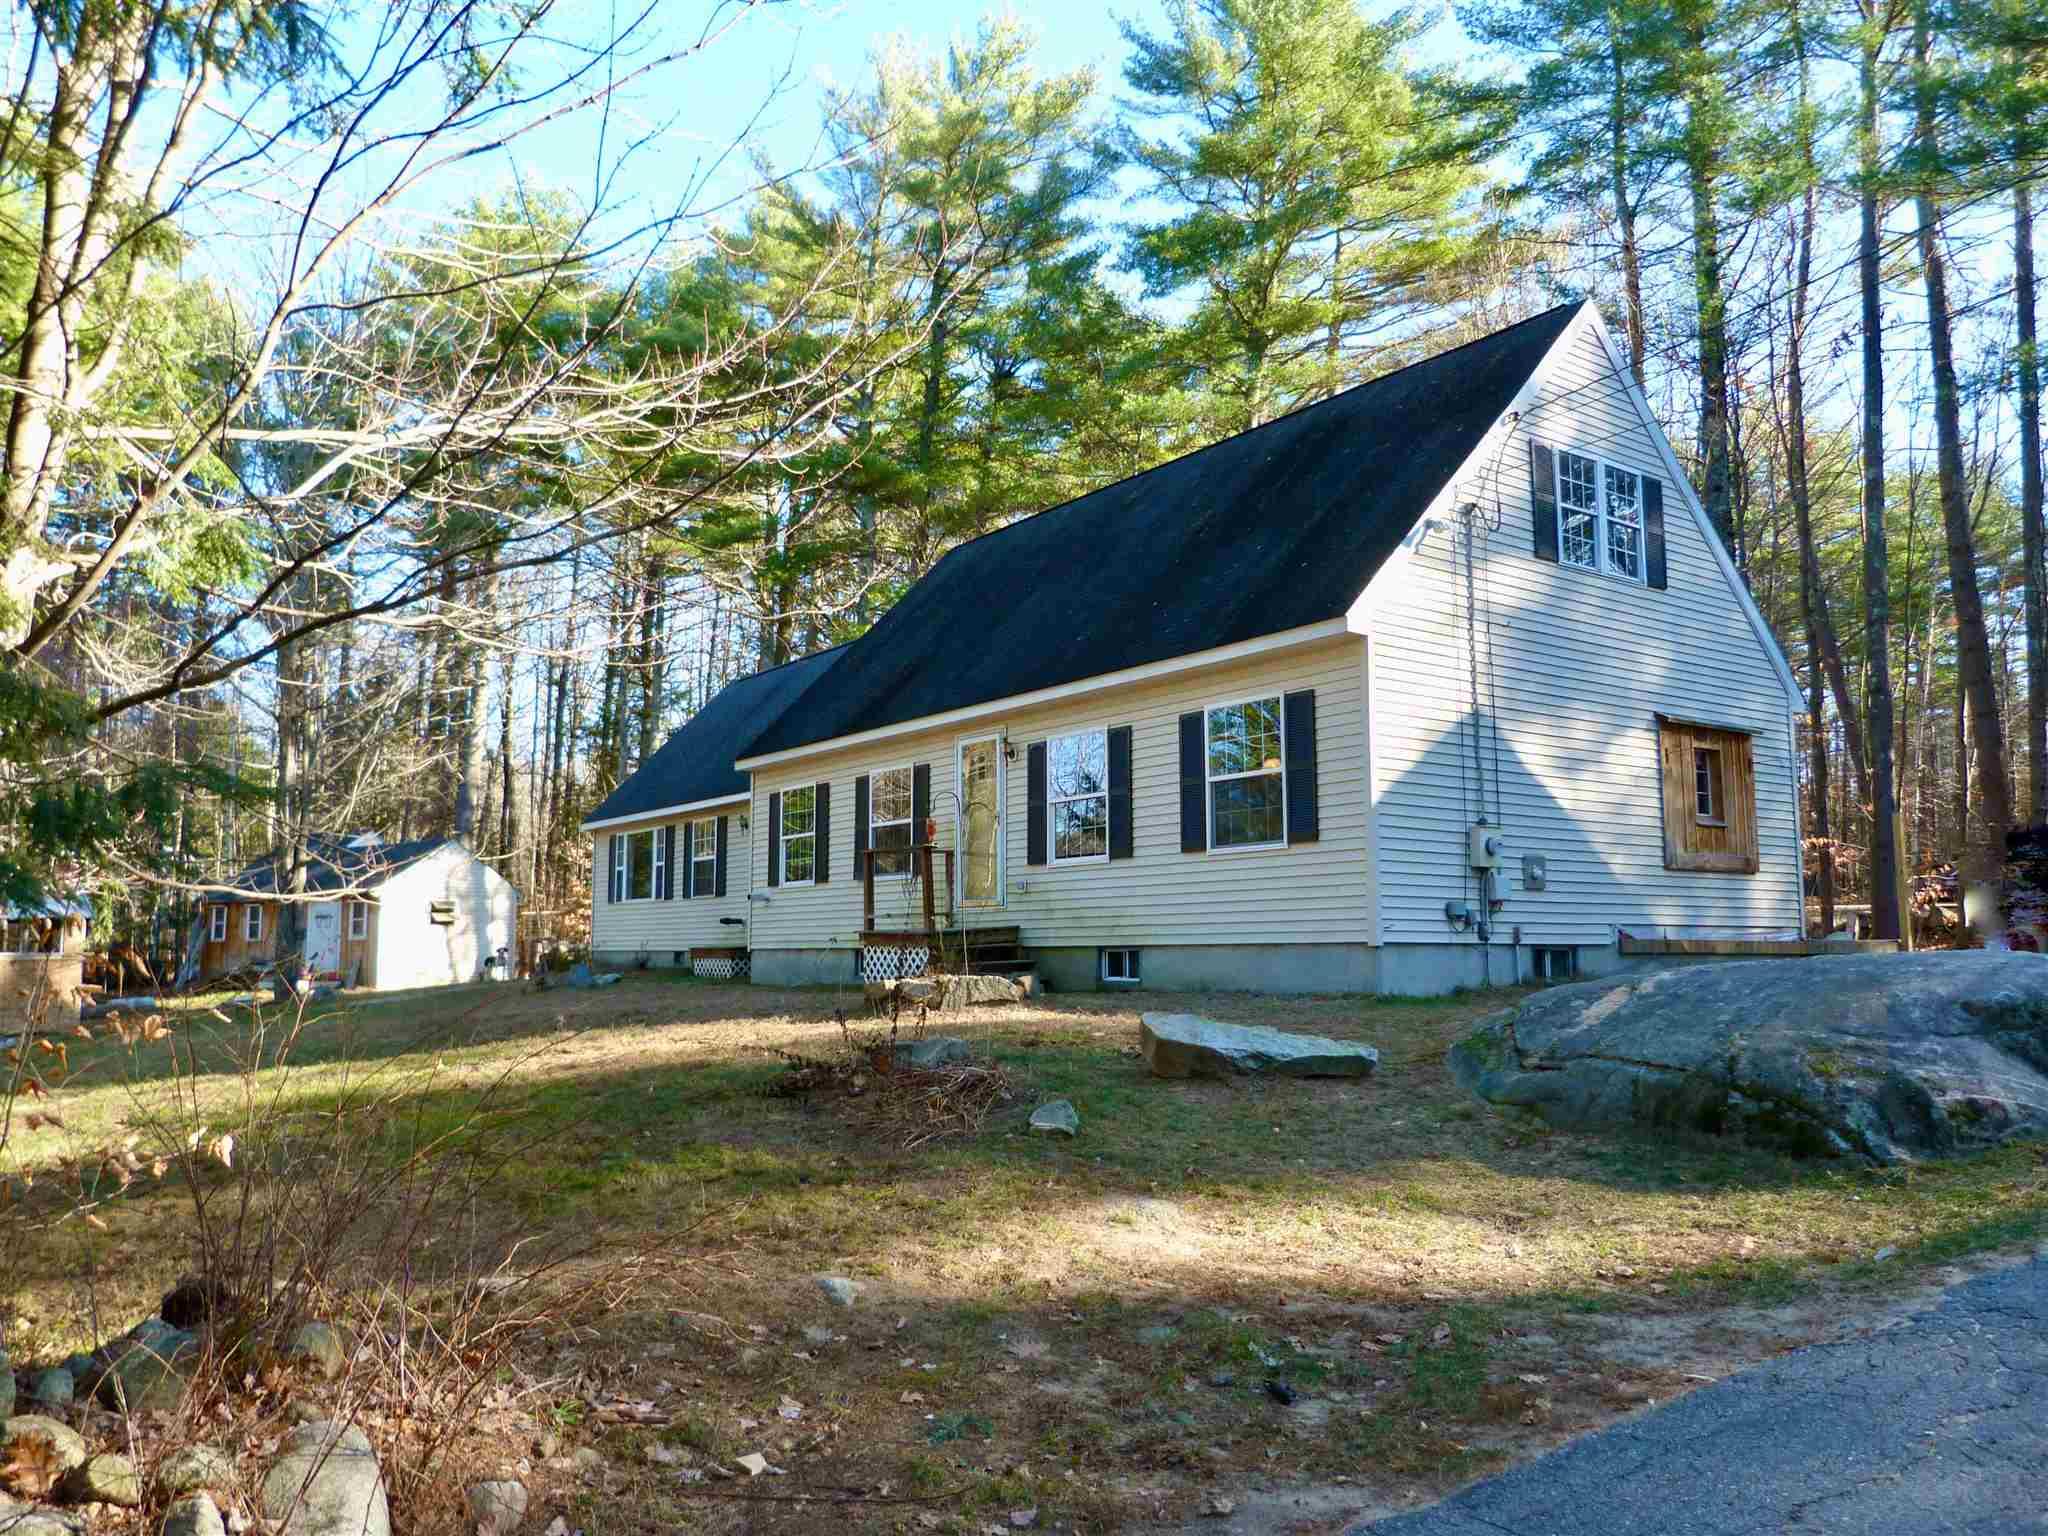 Photo of 6 Birch Lane Tuftonboro NH 03816